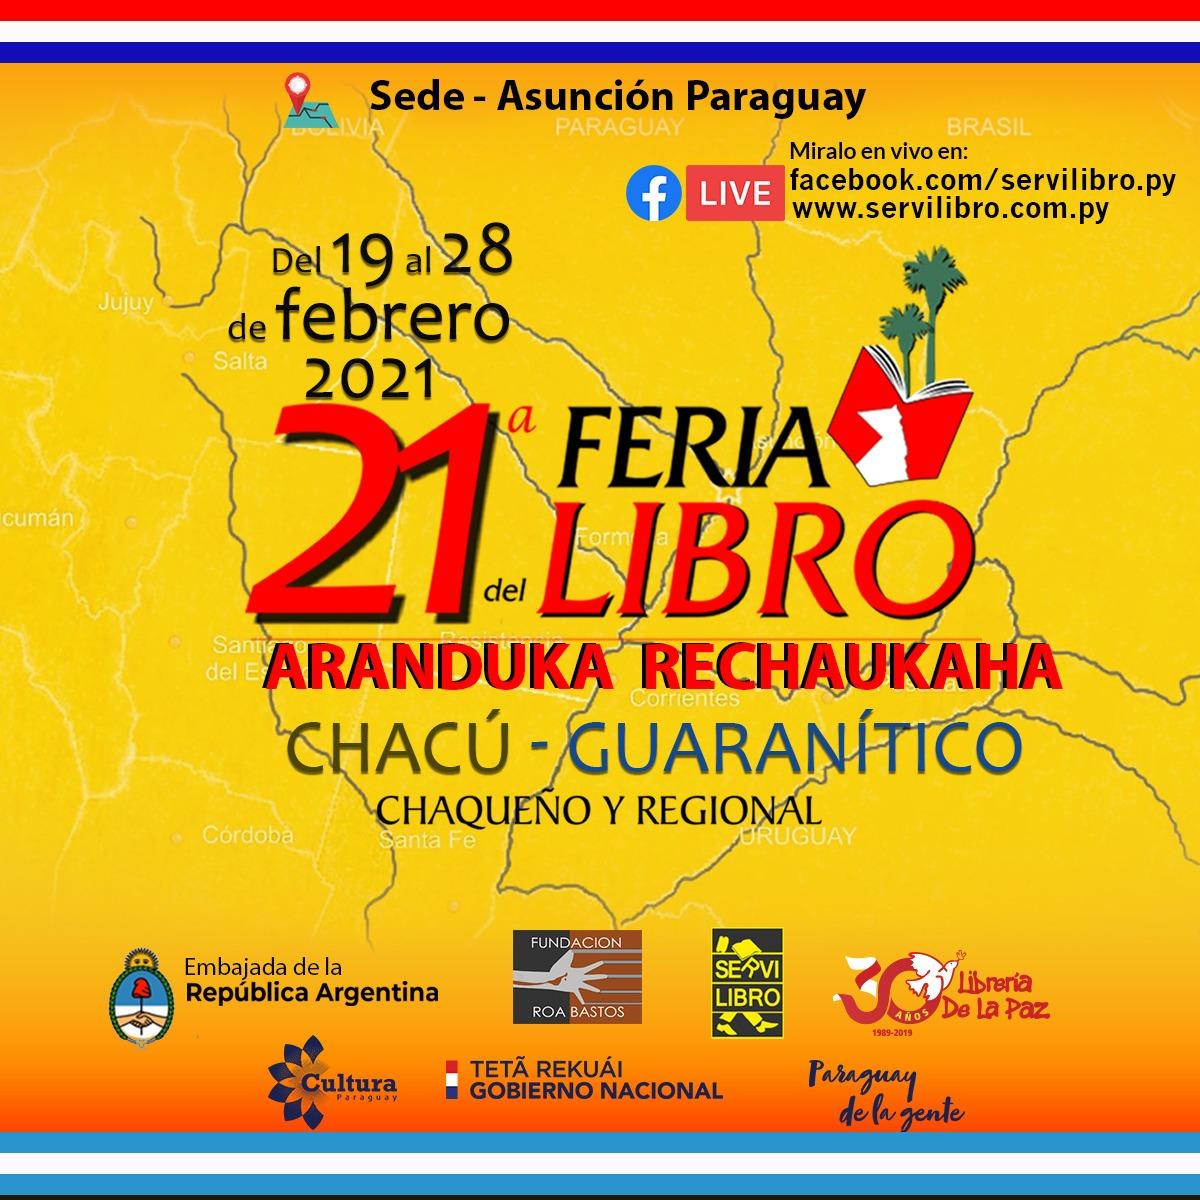 Paraguay participará de 21º Feria del Libro Chaqueño y Regional imagen